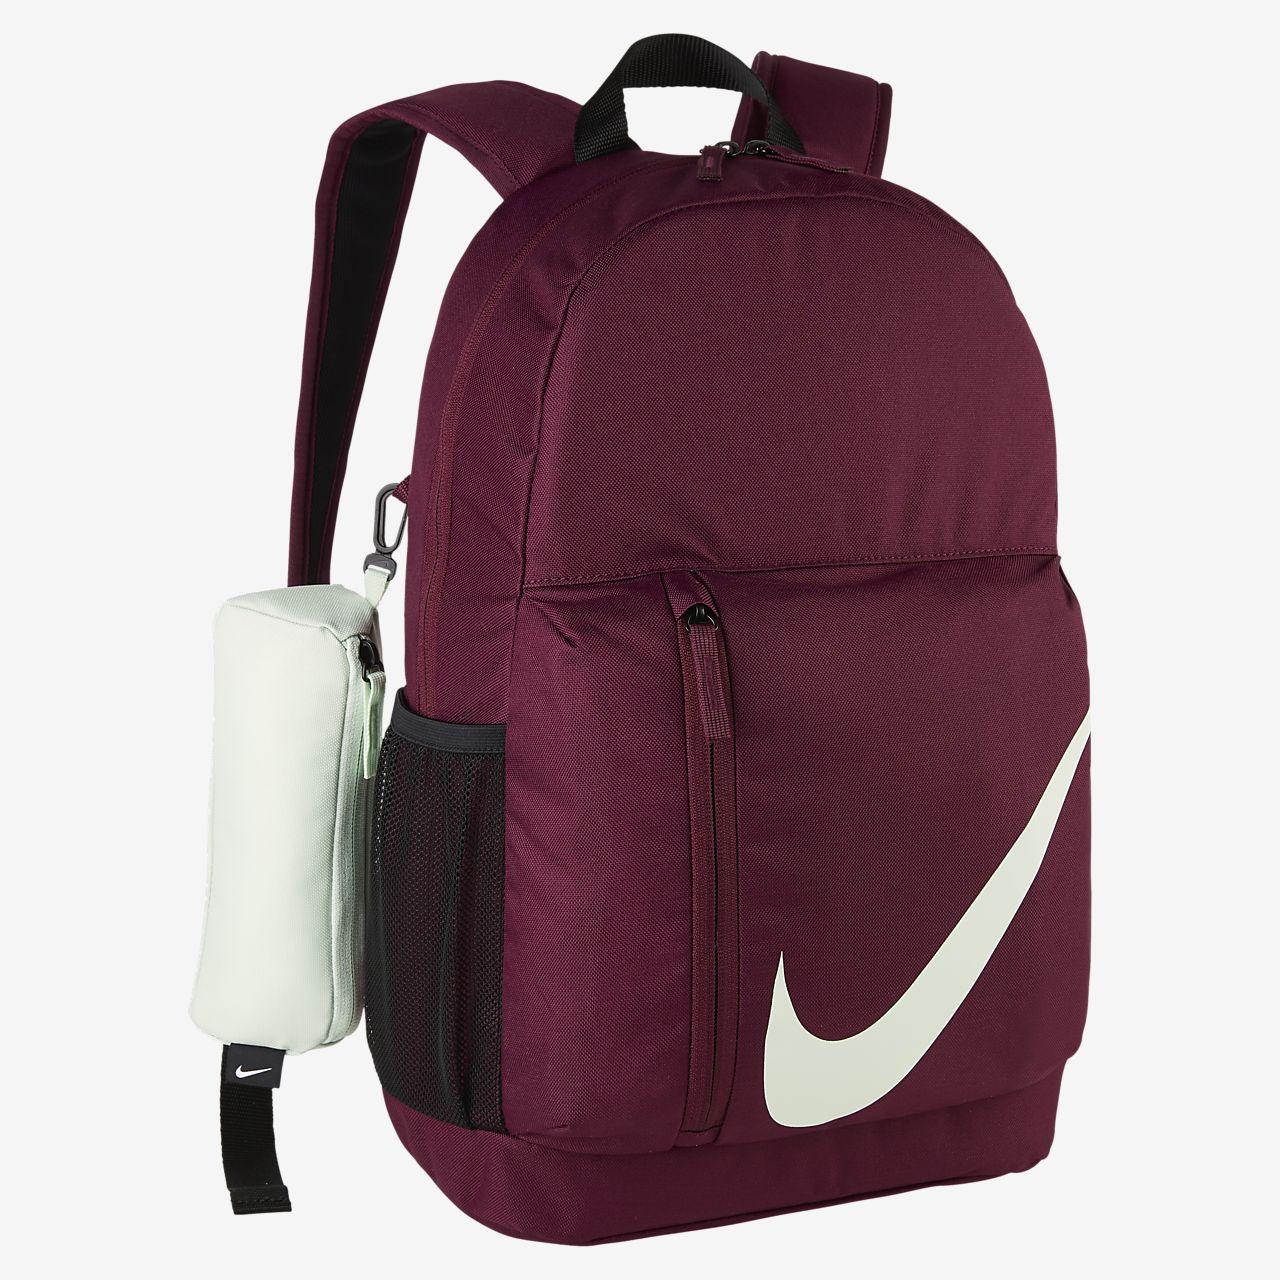 31aebedd61b2fb Nike Kids' Backpack. Nike.com ID